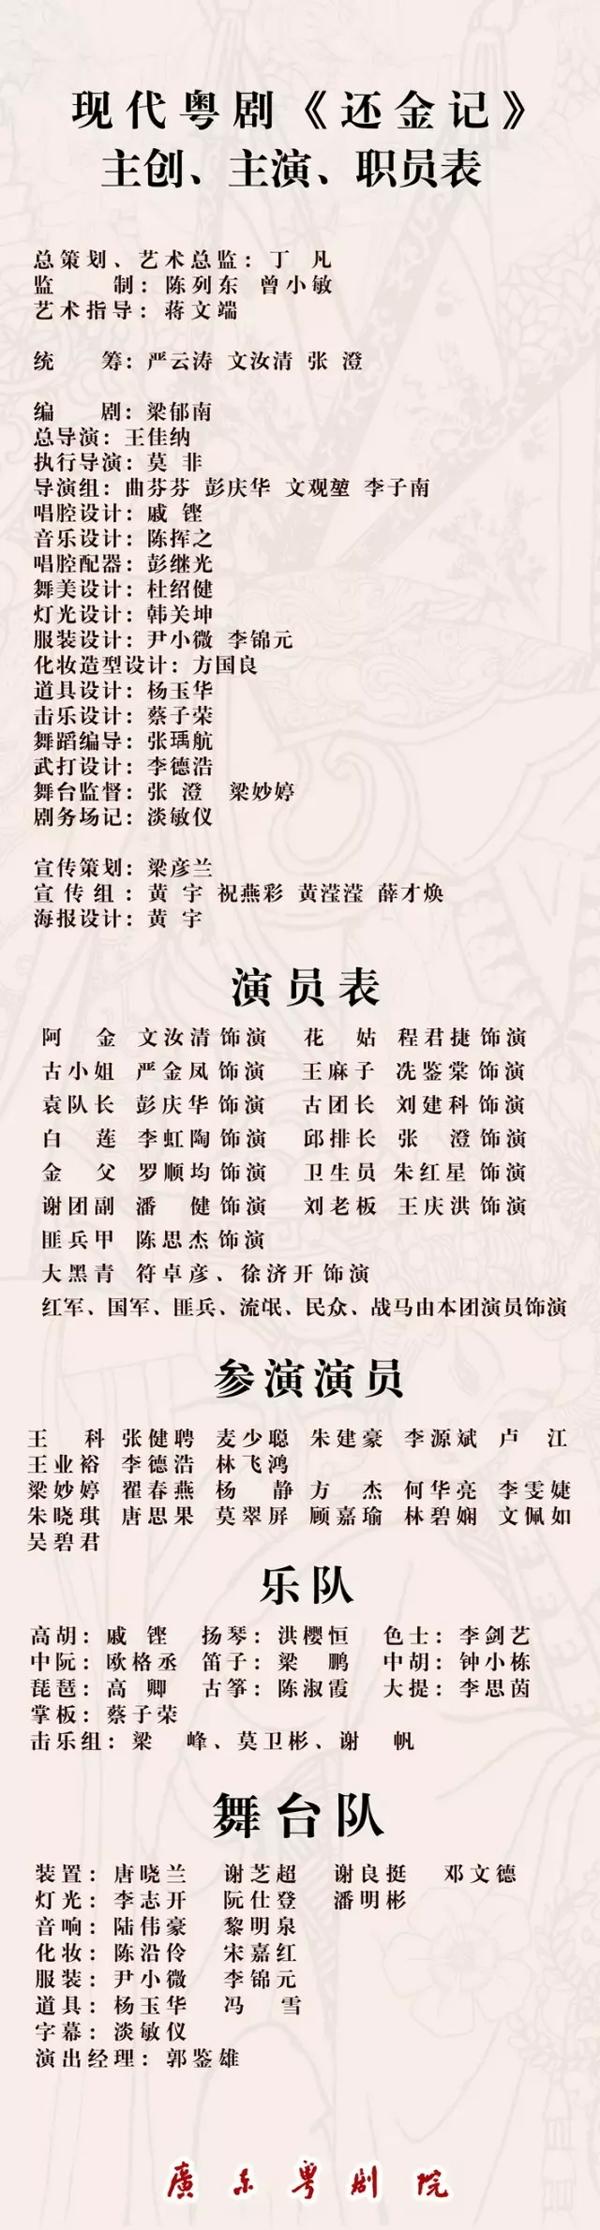 最新资讯_【最新资讯】现代粤剧《还金记》海报重磅曝光!_中国粤剧网